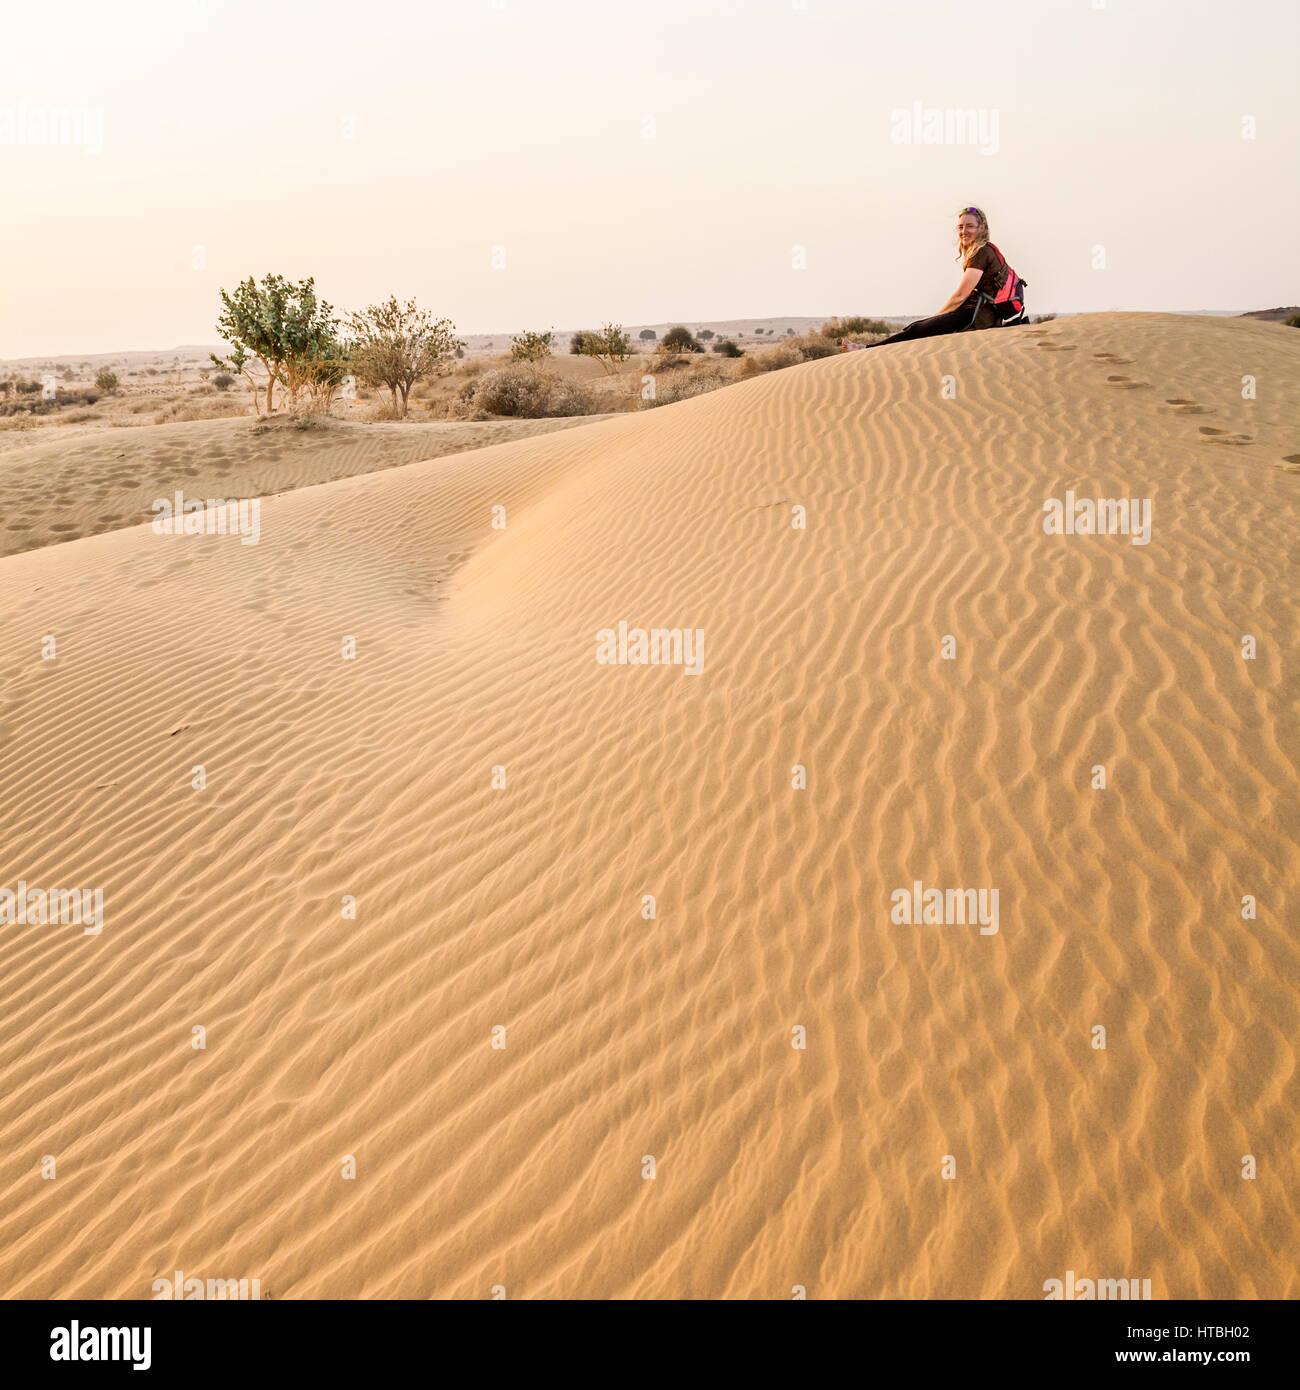 Una donna seduta su una duna di sabbia nel deserto del Thar al tramonto, Rajasthan, India. Immagini Stock